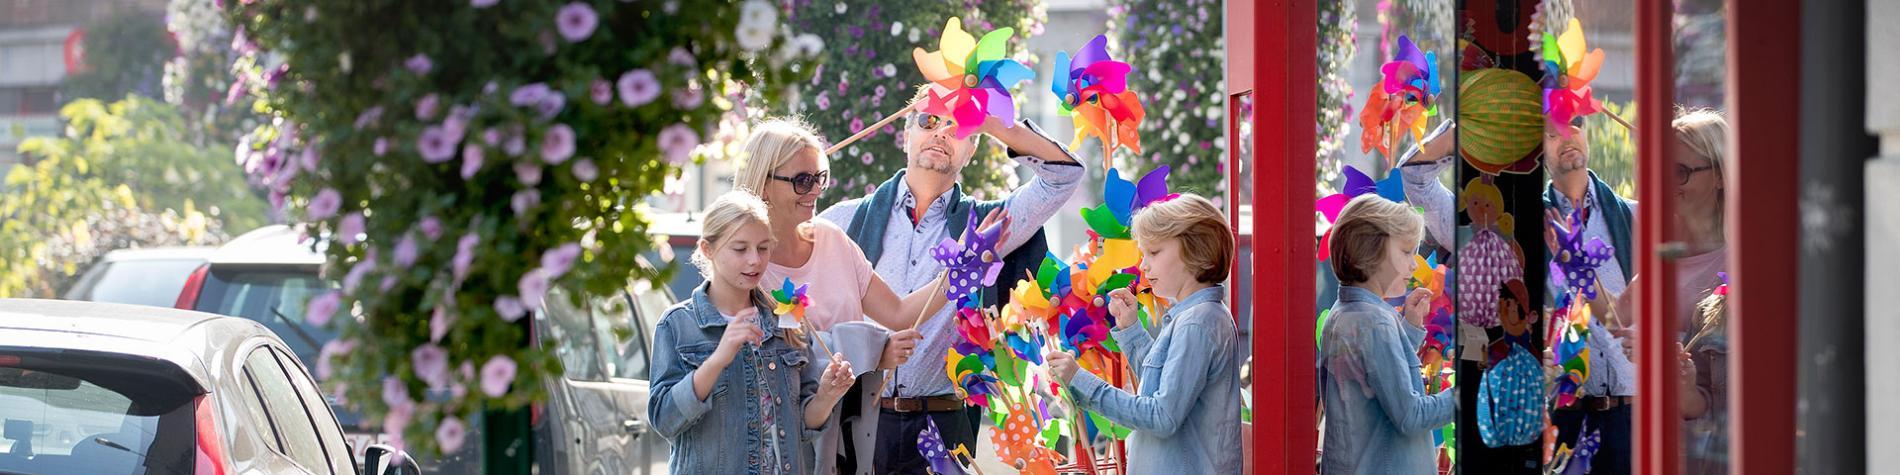 Malmedy - Famille - magasin de jouet - moulin à vent